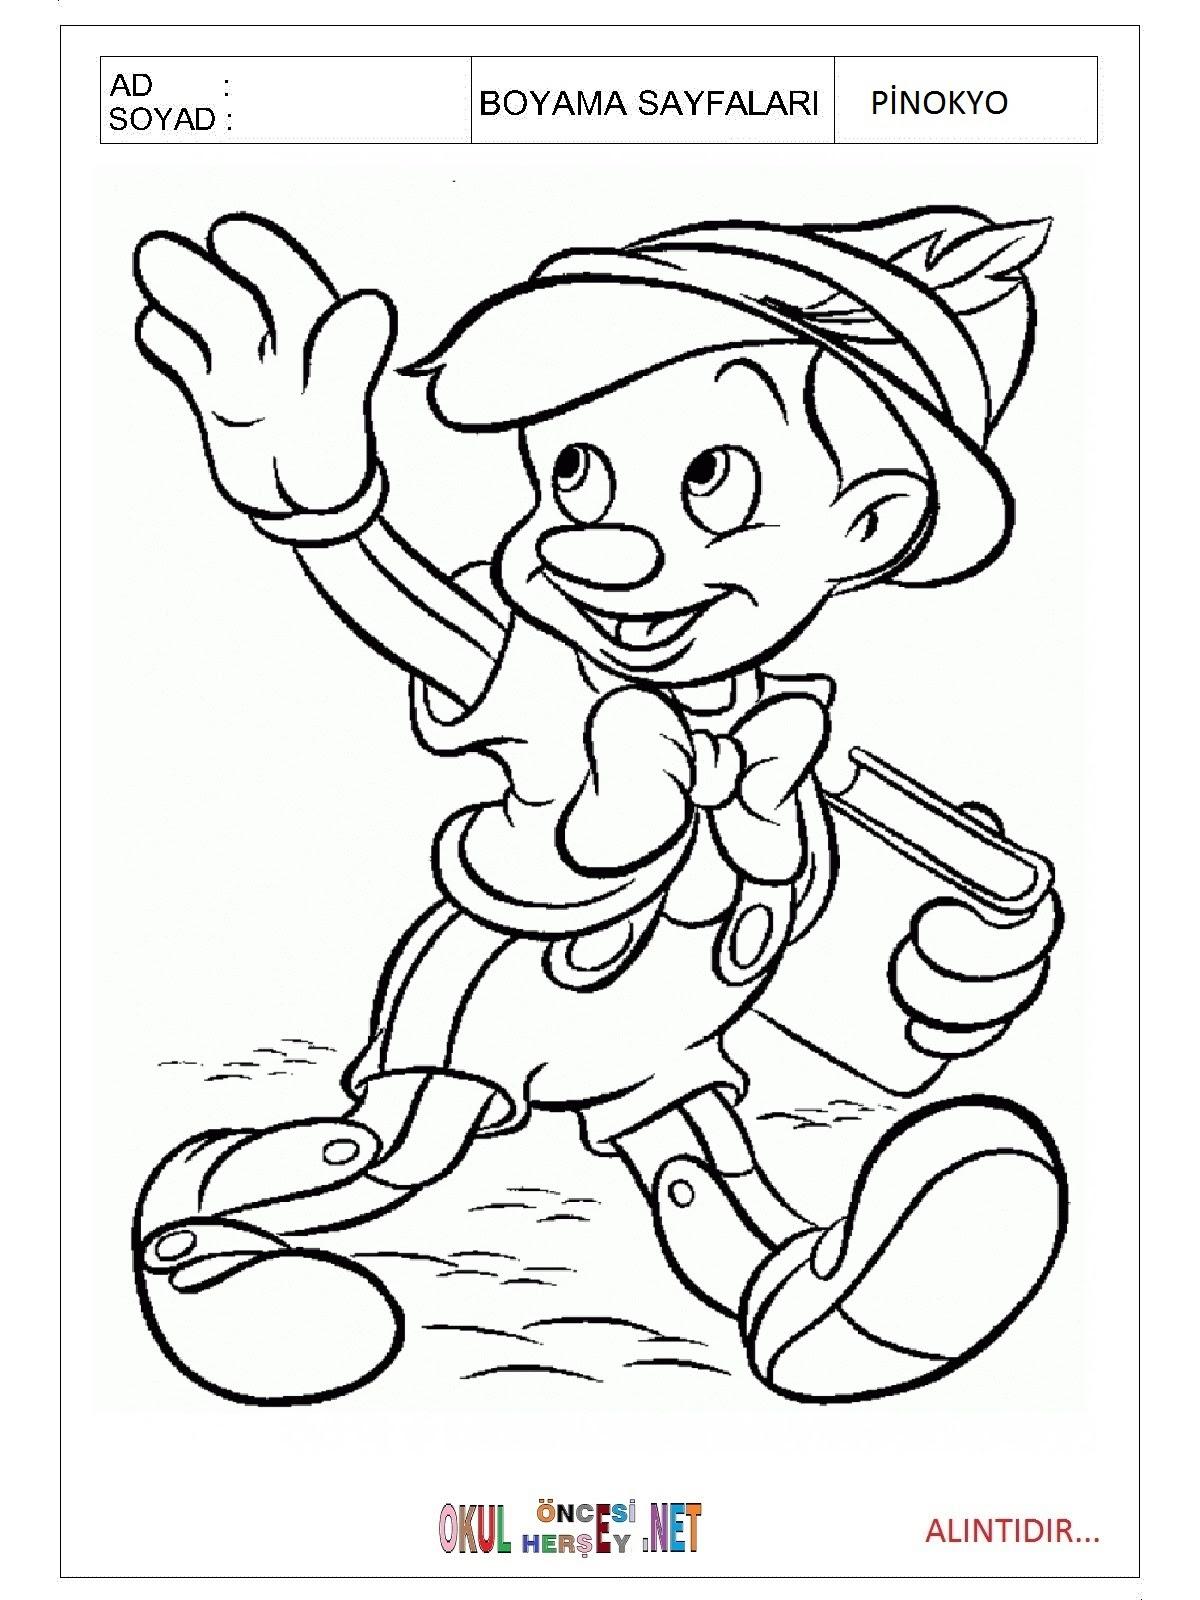 Pinokyo Boyama Sayfaları